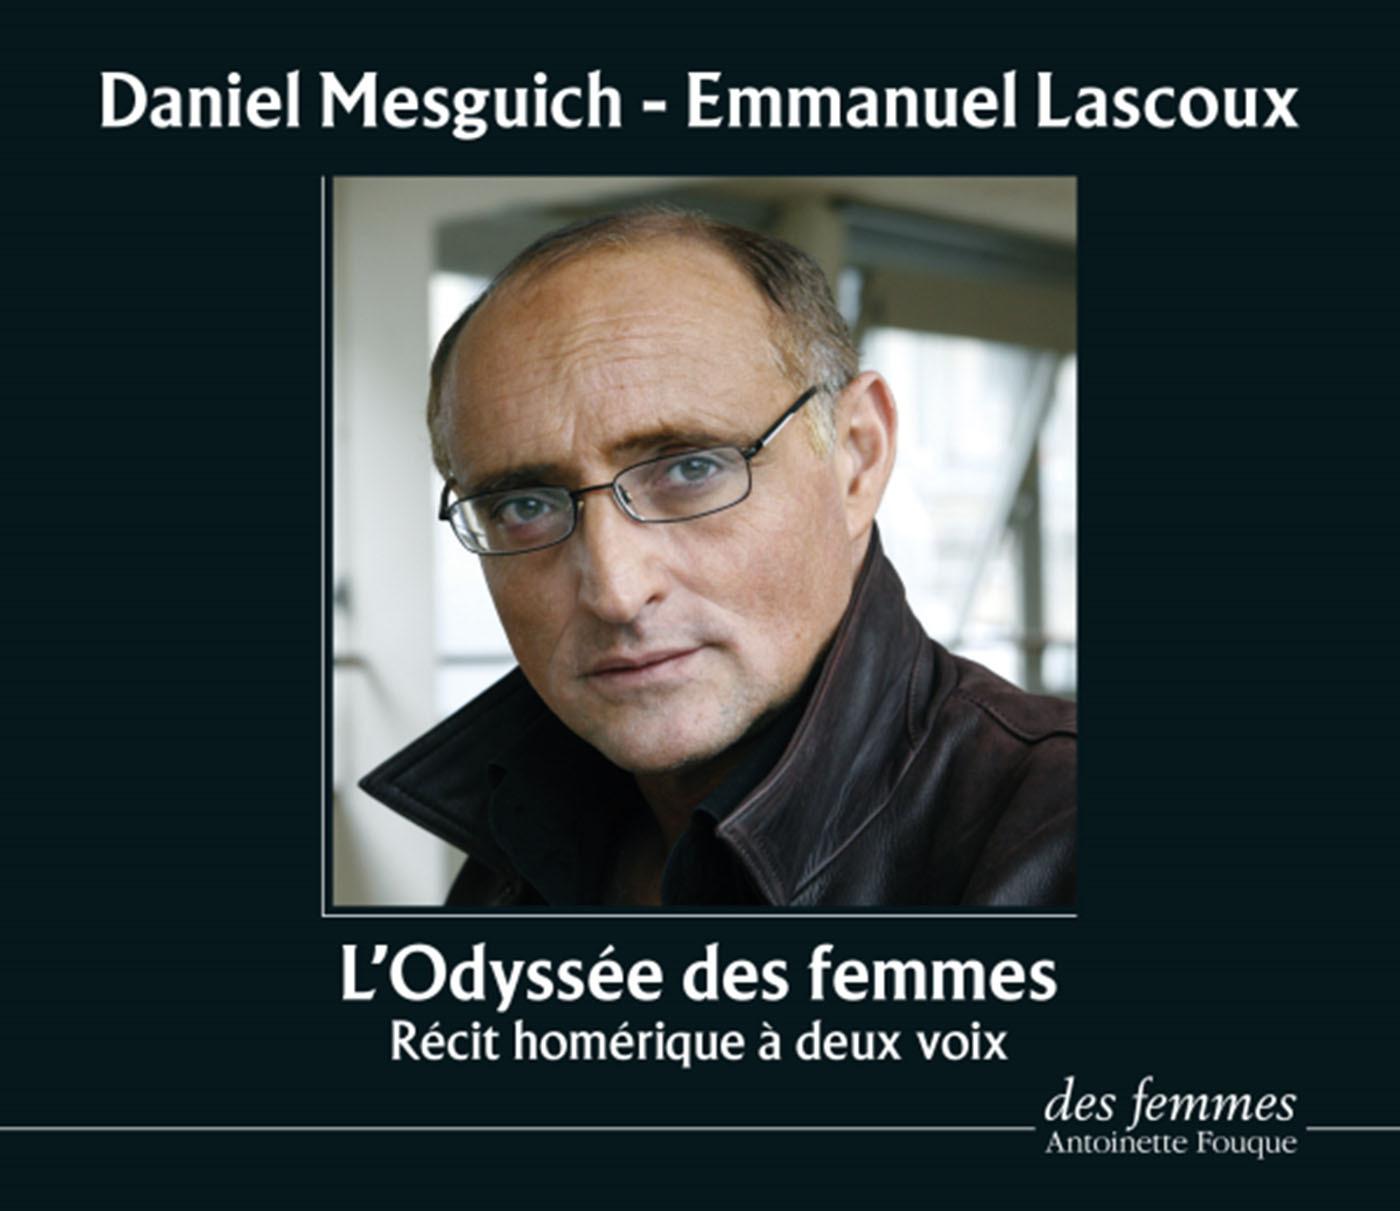 L'ODYSSEE DES FEMMES - INTERPRETE PAR DANIEL MESGUICH ET EMMANUEL LASCOUX